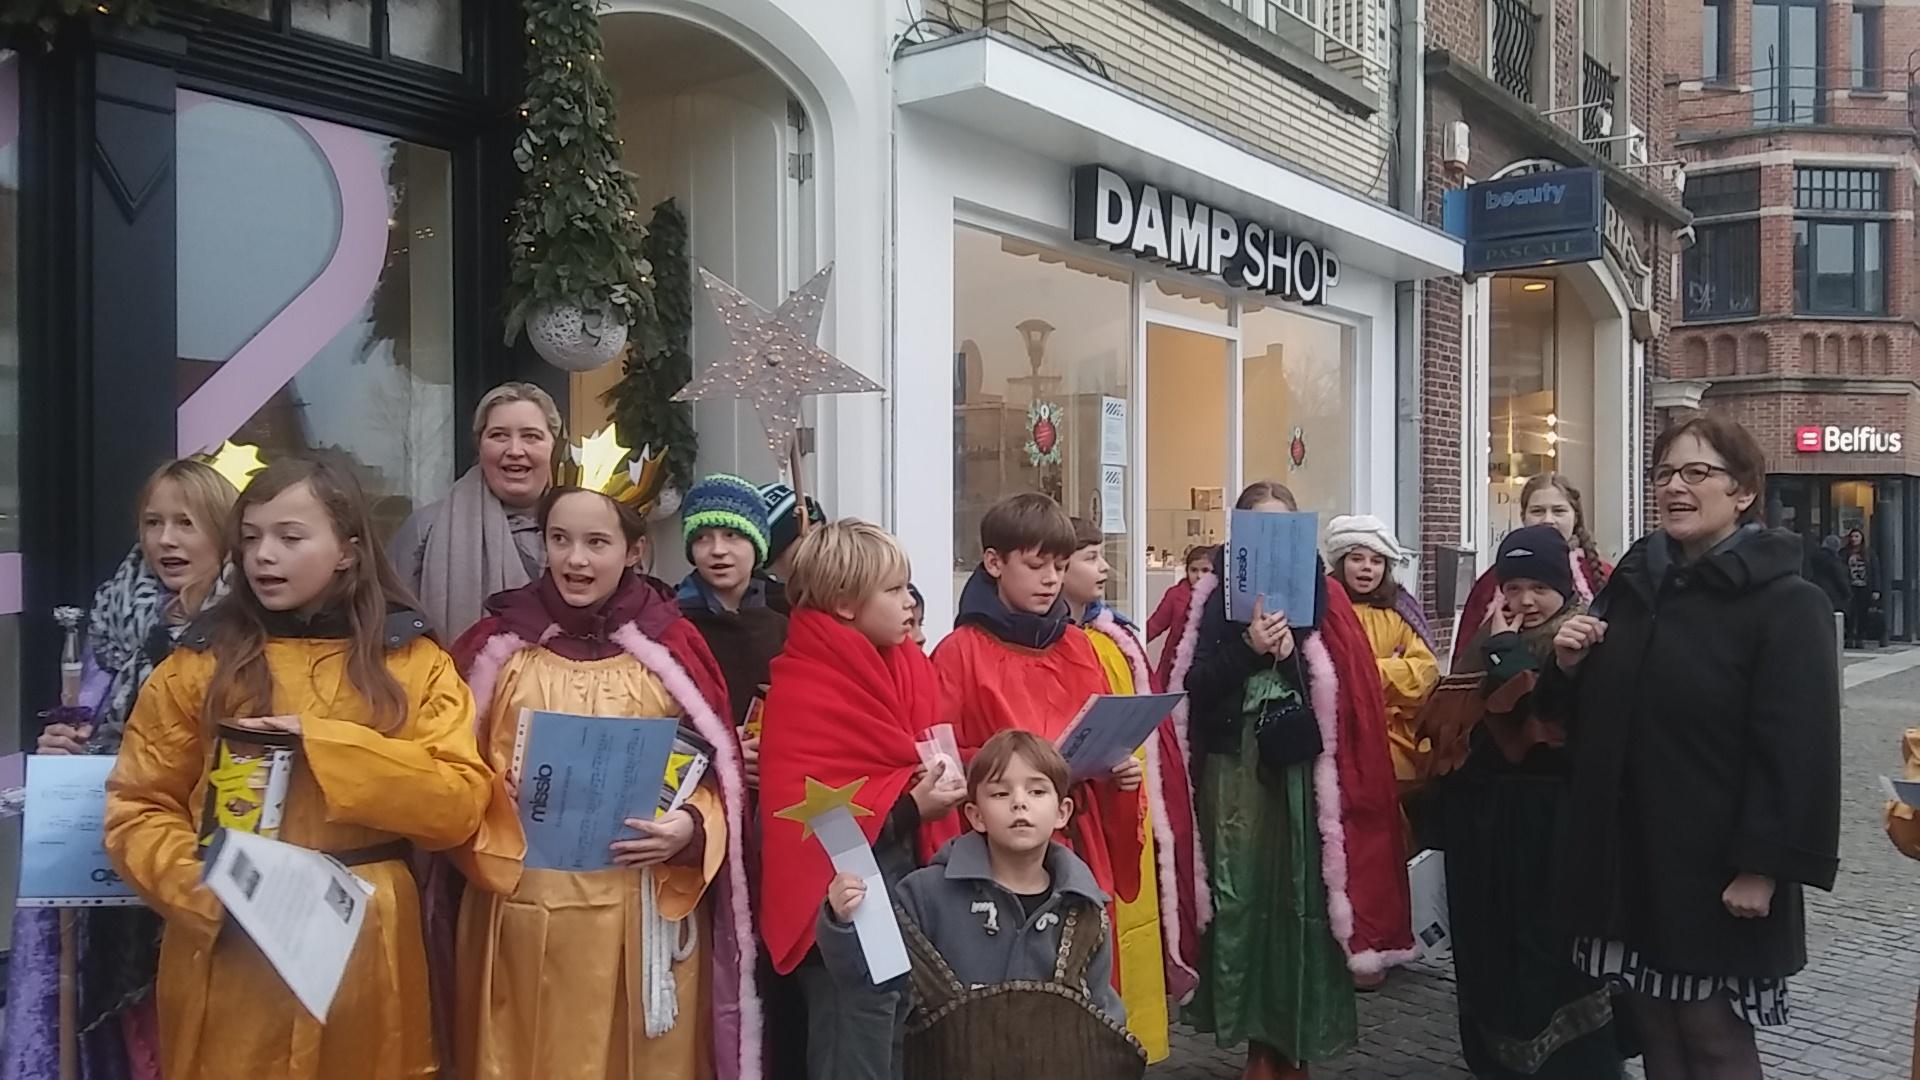 """Op zaterdagnamiddag 6 januari – Driekoningendag trok een groep kinderen van Sint-Laurentius die zich voorbereiden op het vormsel gekleed als de 3 Wijzen en al zingend van """"Er kwamen drie koningen met ene ster..."""" de Markt op.  © Chris Geerts"""